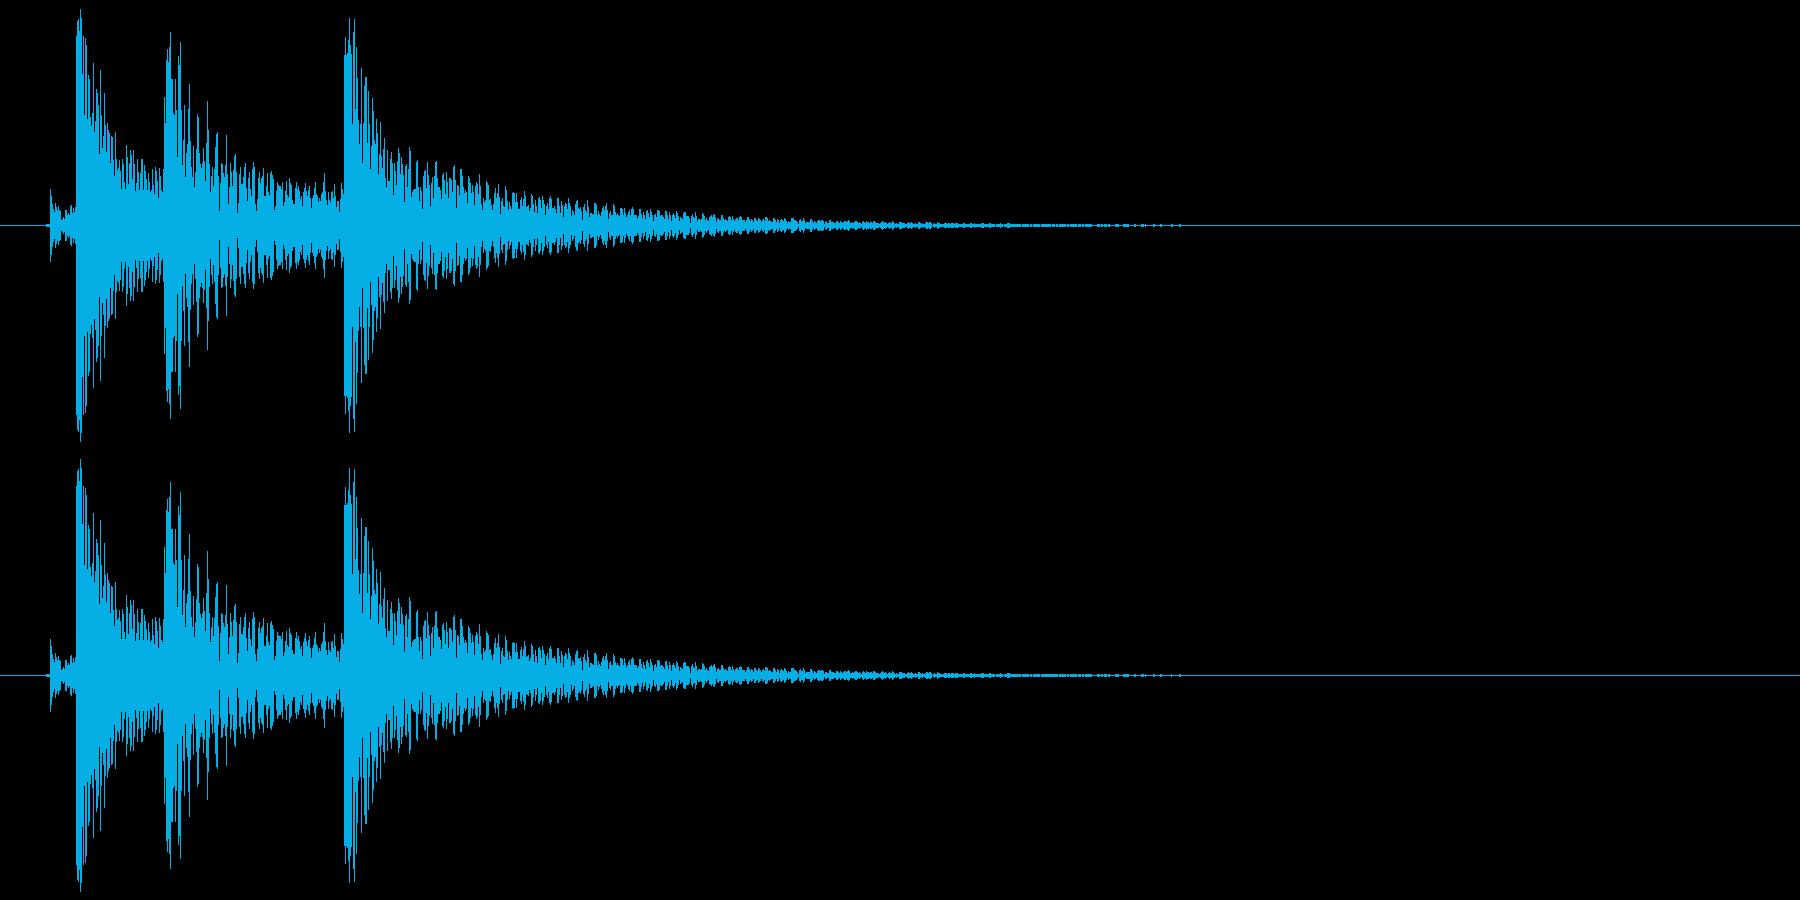 沖縄風クリック・タップ音2の再生済みの波形